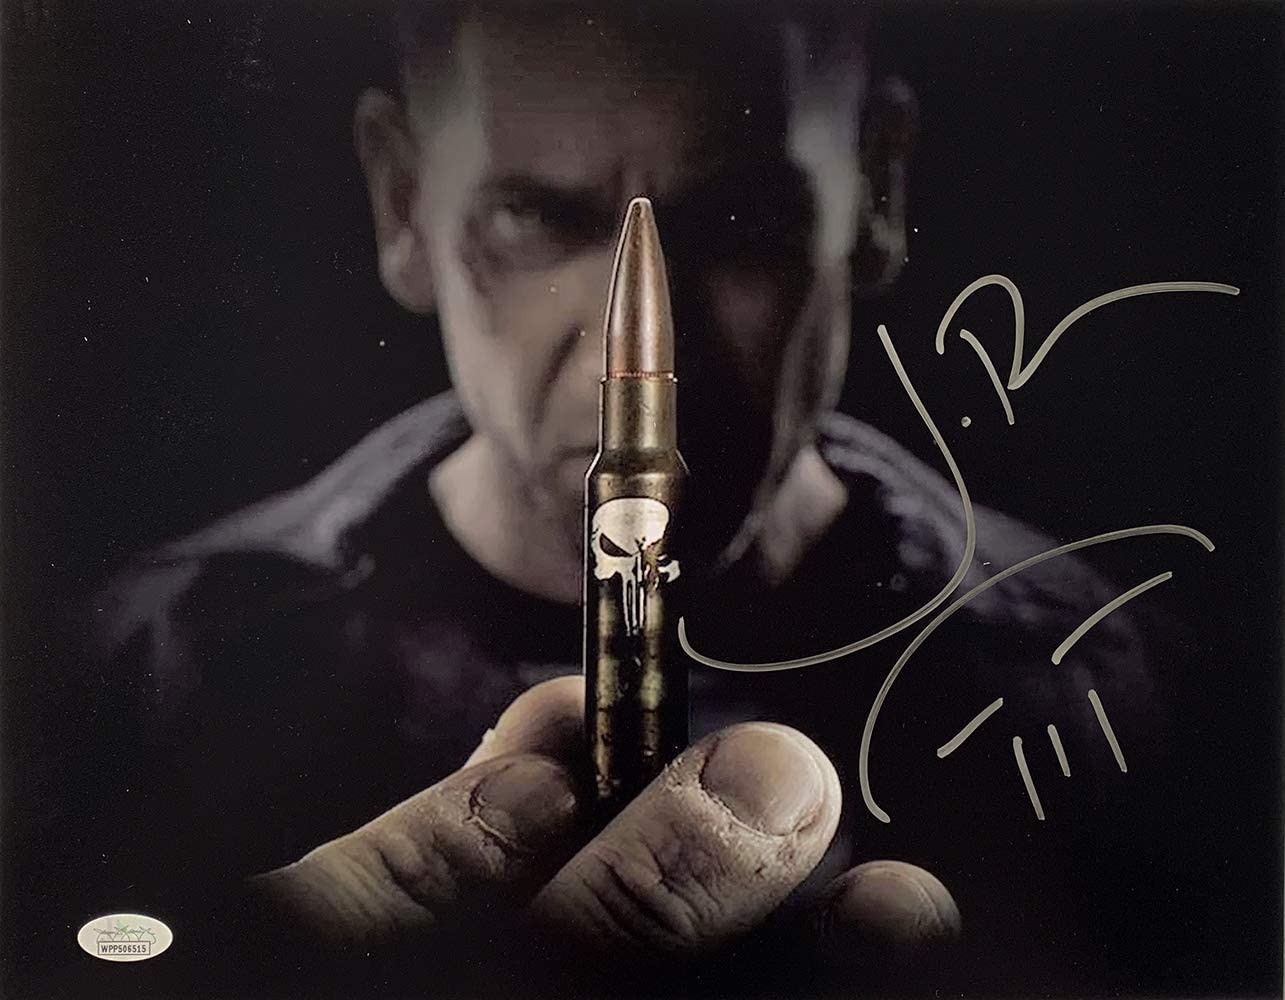 Jon Bernthal Marvel THE PUNISHER Frank Castle Signed 11x17 Photo JSA 143533